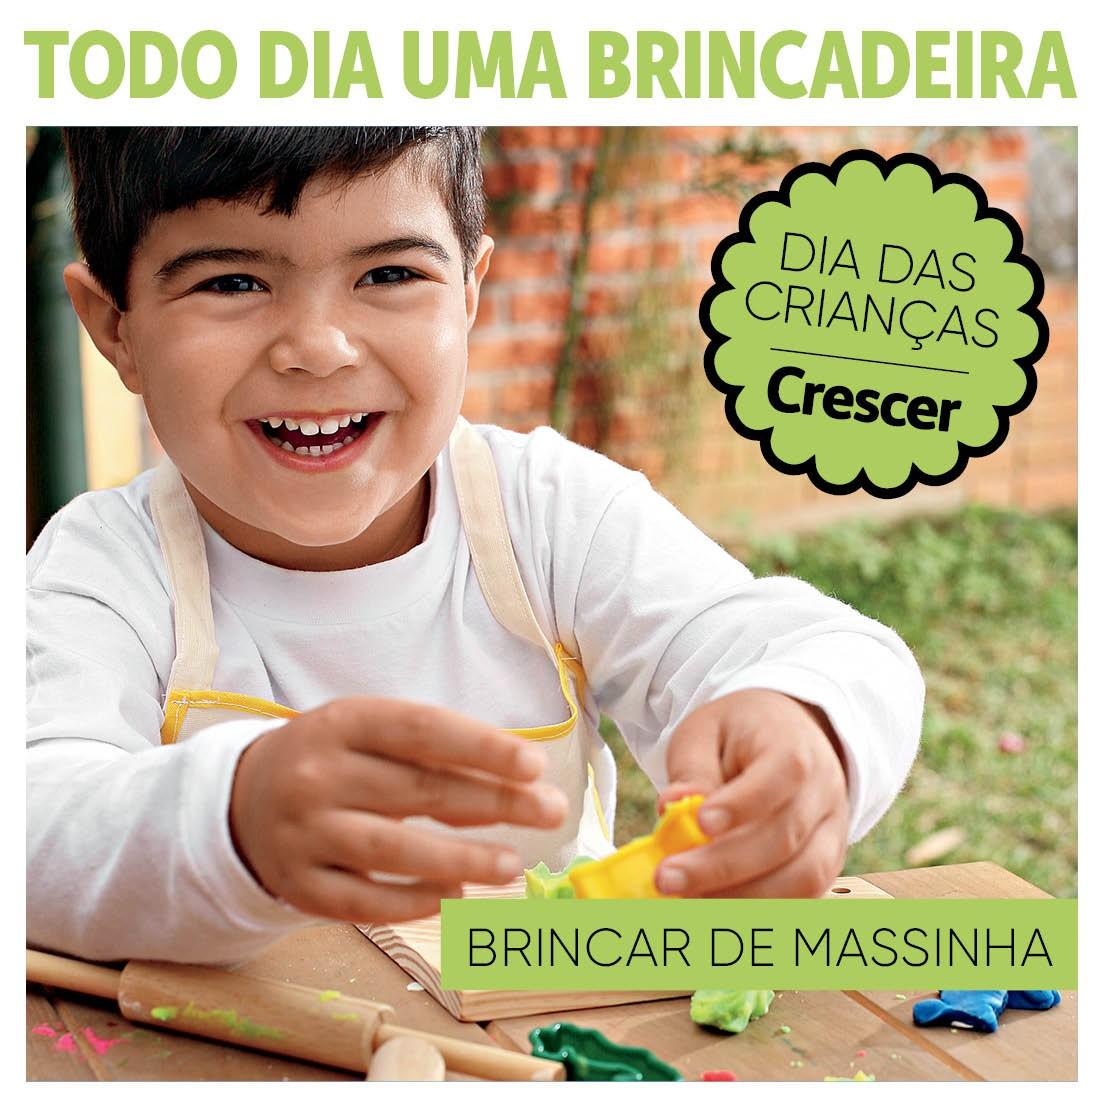 BRINCAR-MASSINHA-TODO-DIA-UMA-BRINCADEIRA (Foto:  EDITORA GLOBO)